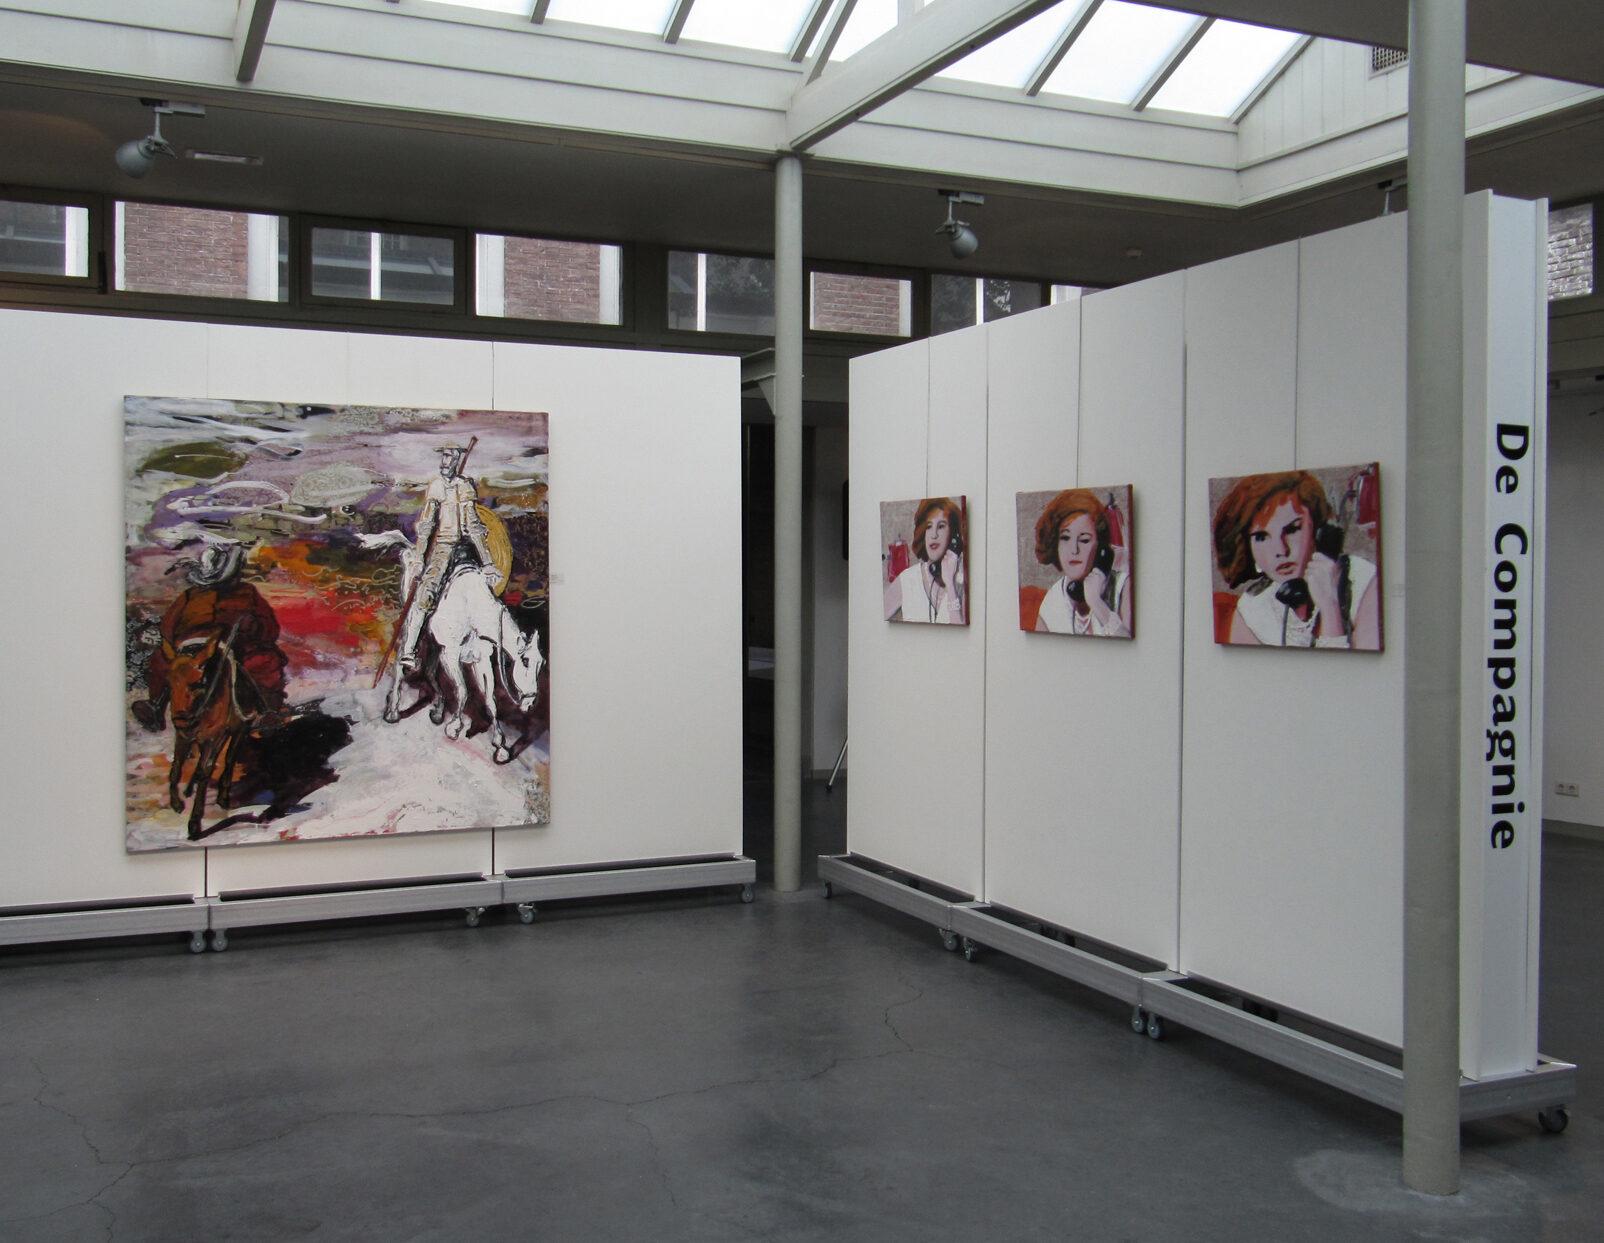 GalerieDeCompagnie